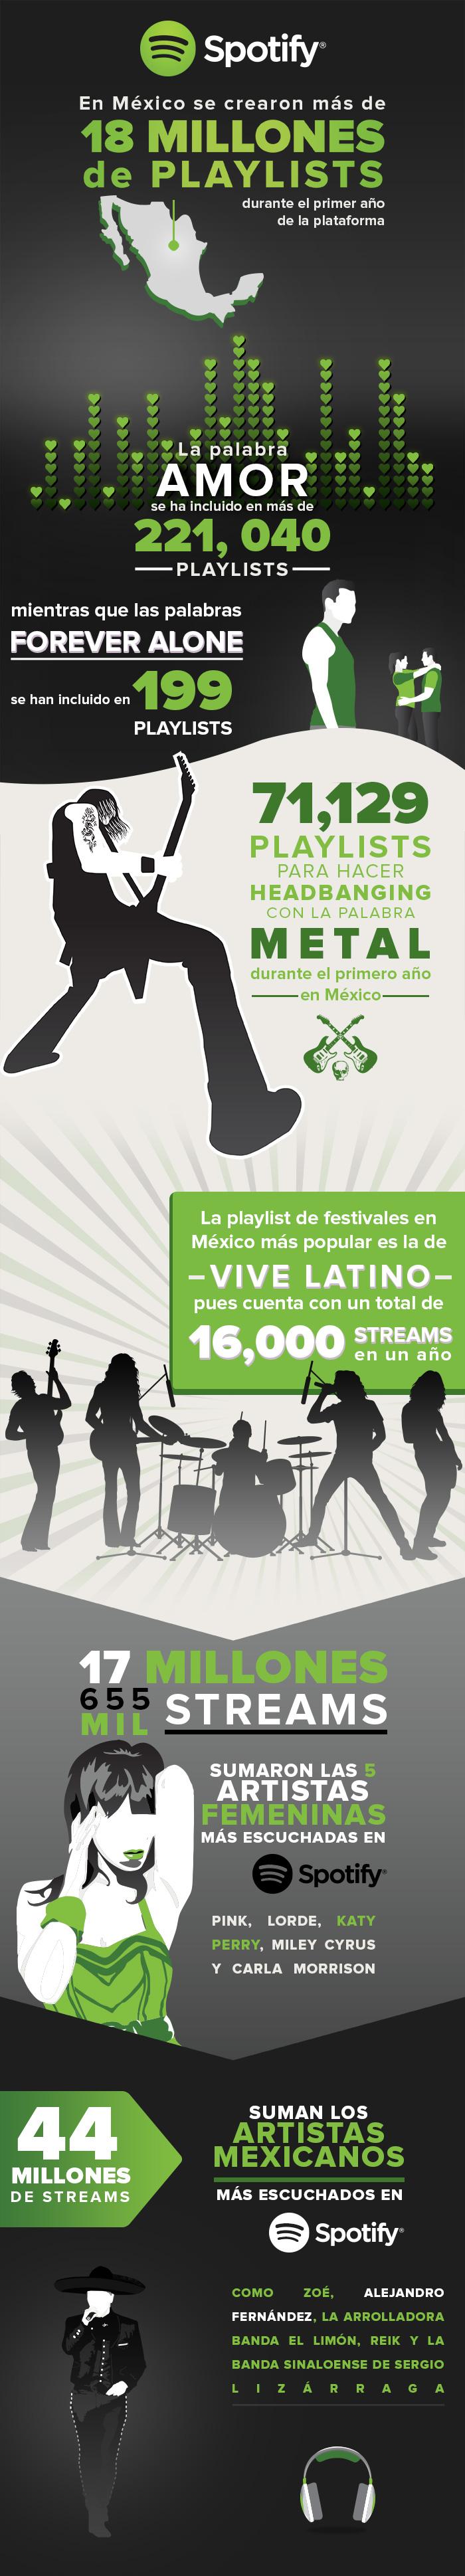 Infografía 1er Aniversario Spotify® Mexico2